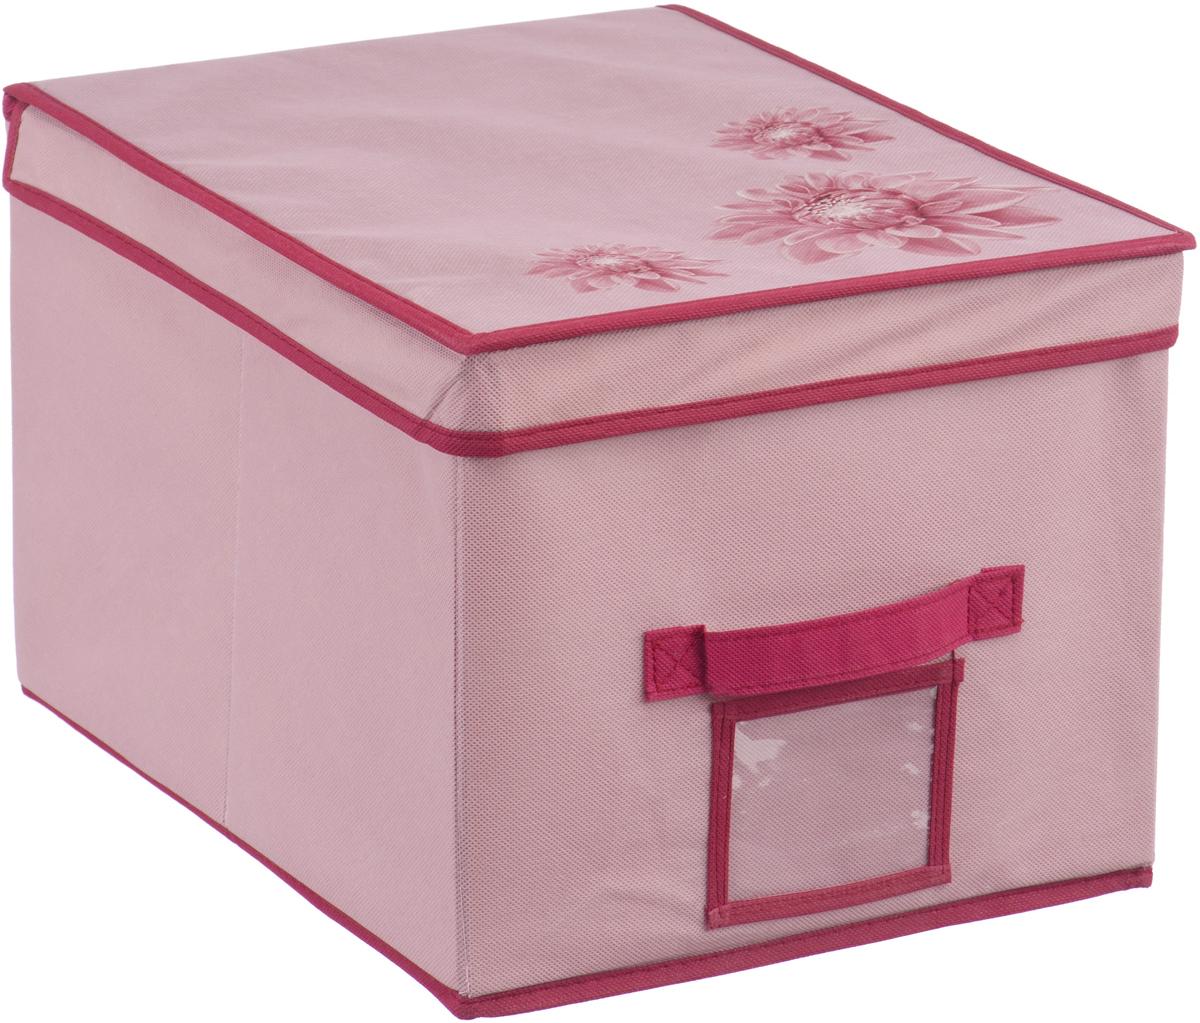 Короб для хранения Handy Home Хризантема, цвет: бордовый, розовый, 30 х 40 х 25 смUC-82Короб прямоугольный складной с крышкой. Занимает минимум места в сложенном виде. Естественная вентиляция: материал позволяет воздуху свободно проникать внутрь, не пропуская пыль. Подходит для хранения одежды, обуви, мелких предметов, документов и многого другого. Соберите всю коллекцию и наслаждайтесь аккуратностью и эстетикой своего гардероба.